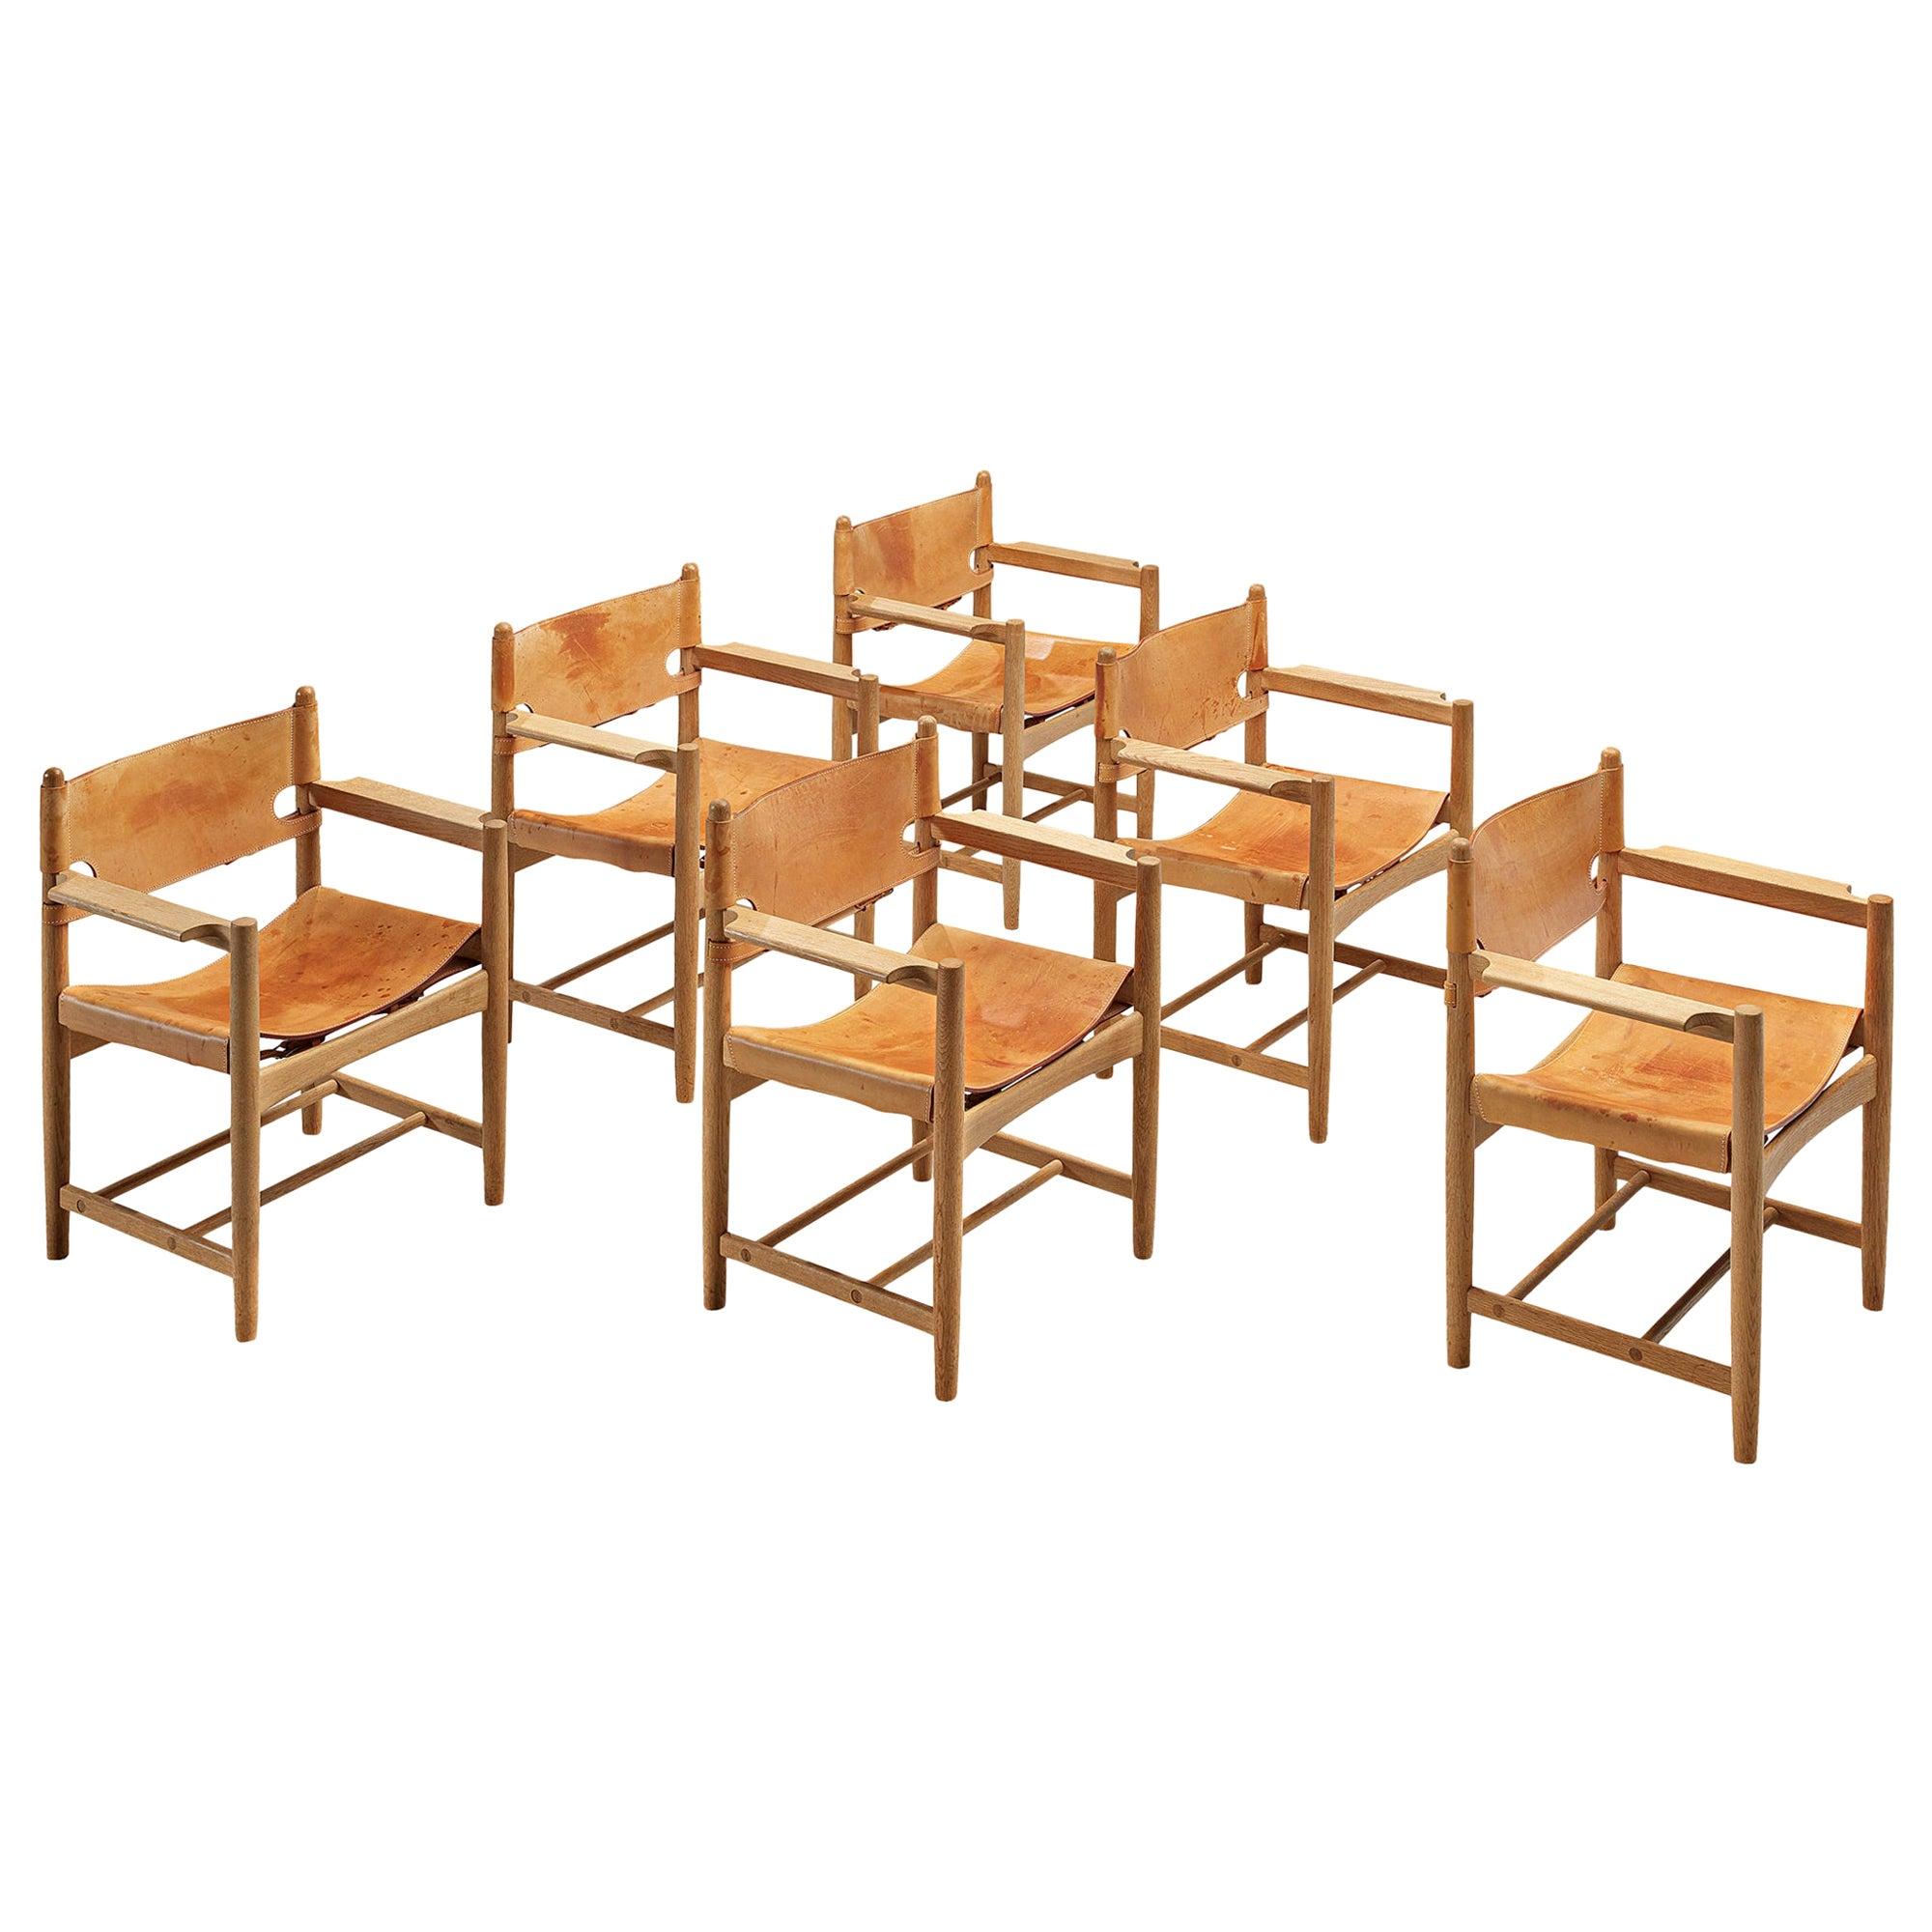 Børge Mogensen Armchairs in Solid Oak